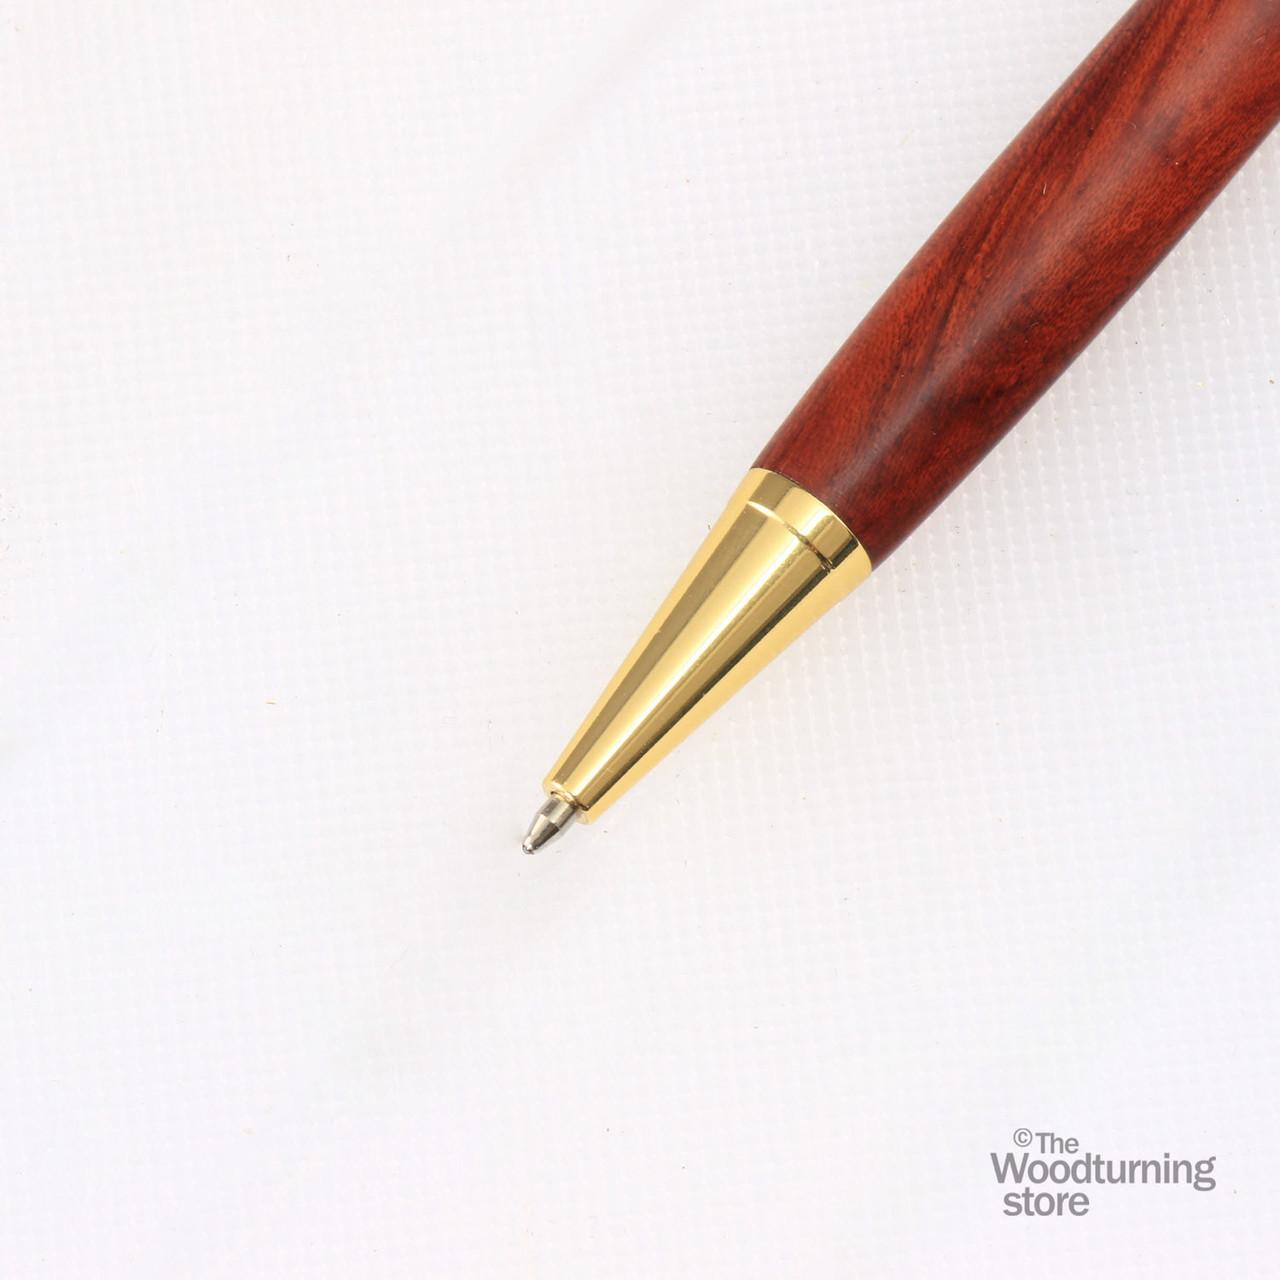 Slimline bushings for 7mm wood turning pen kits